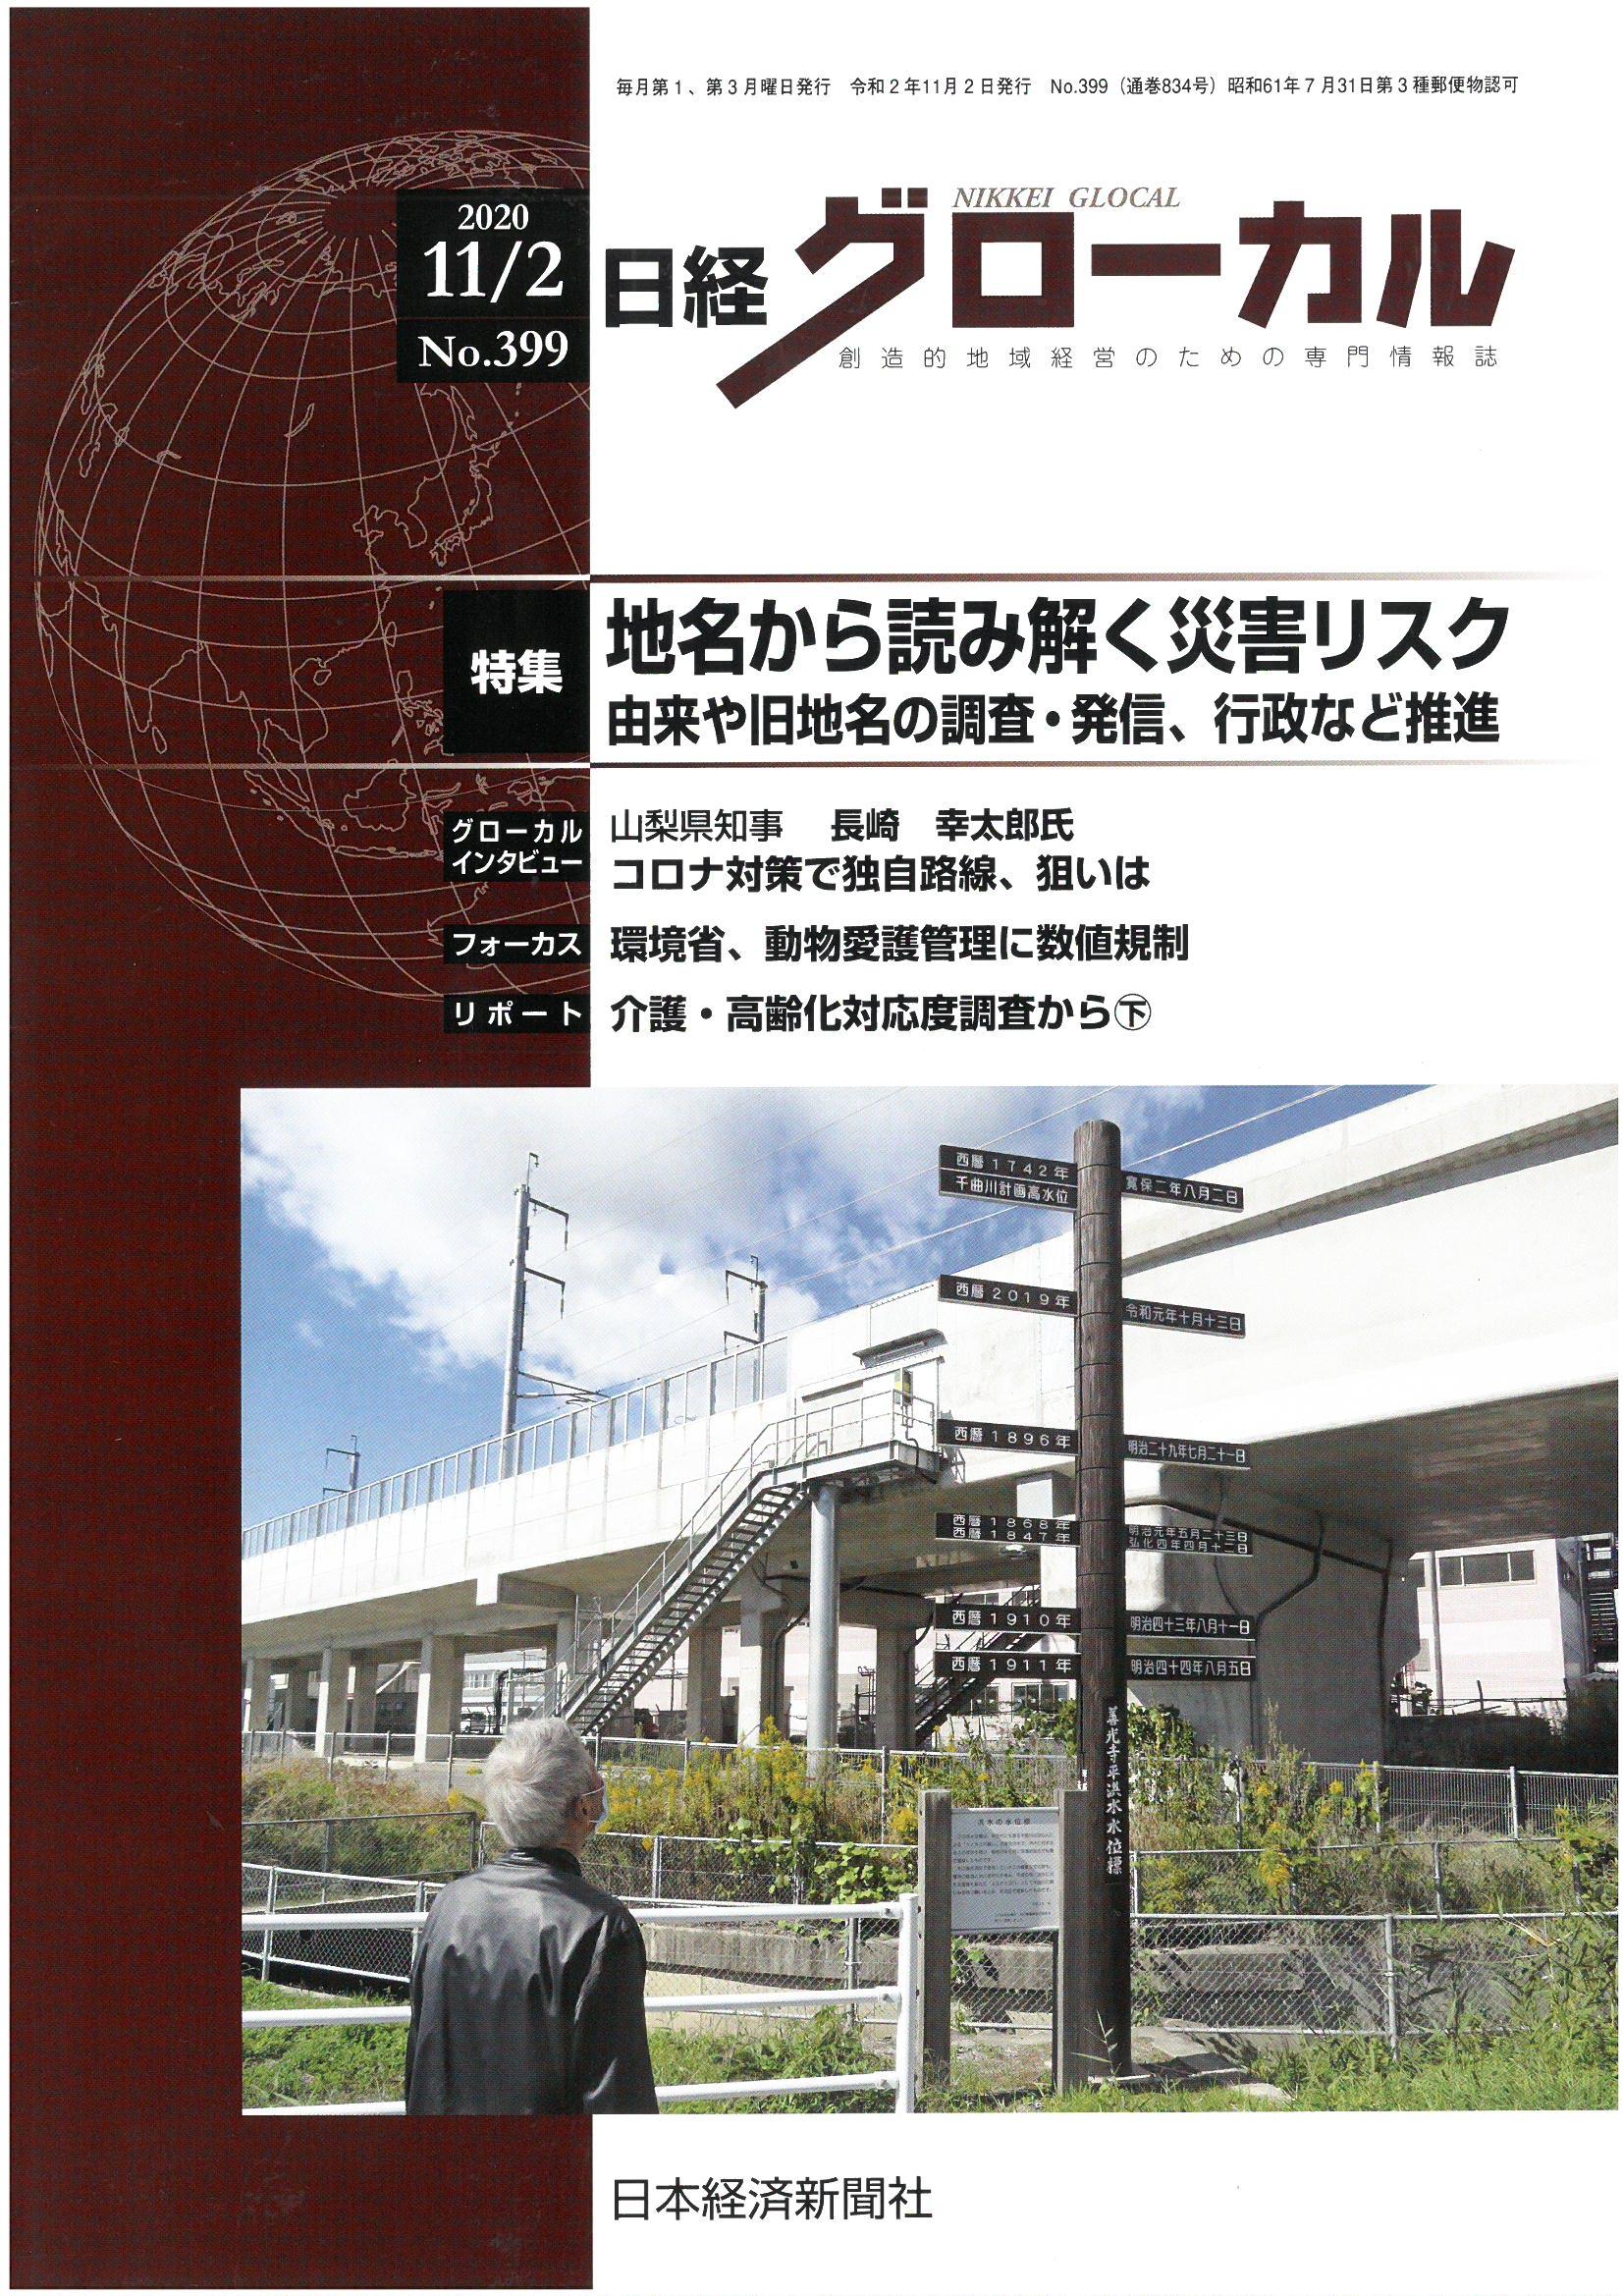 11月2日の「日経グローカル」で紹介されました!